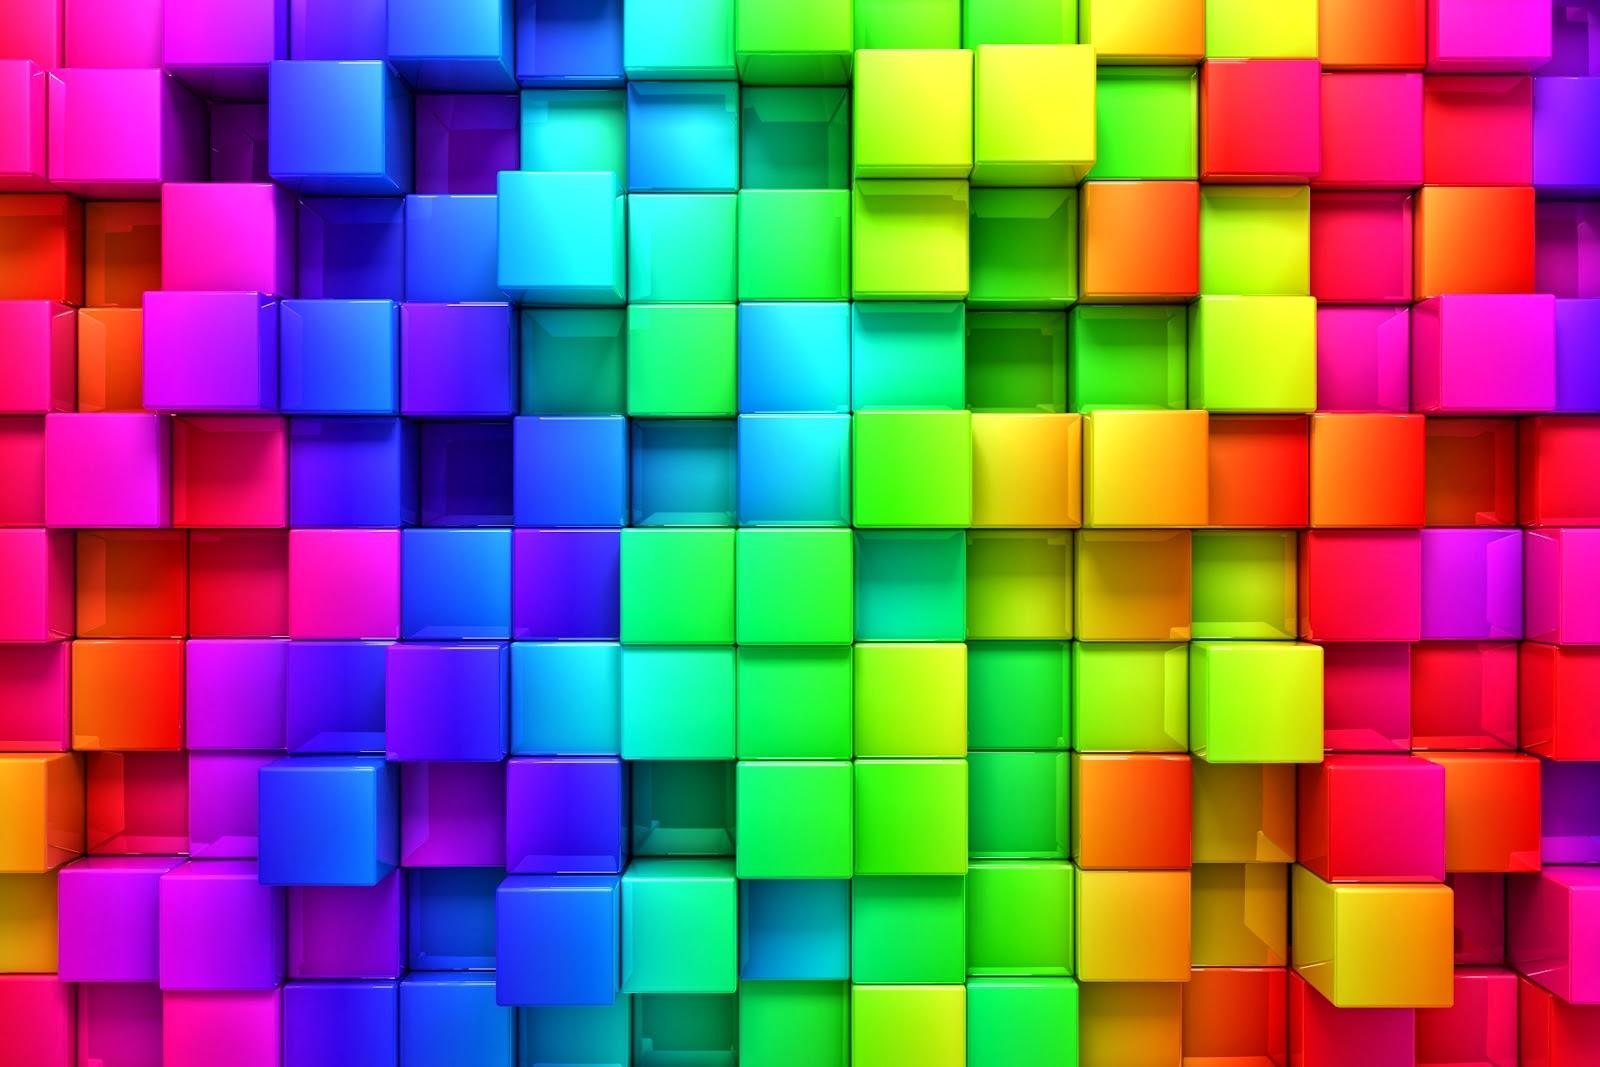 Videos 777 cuadros de colores - Cuadros de colores ...